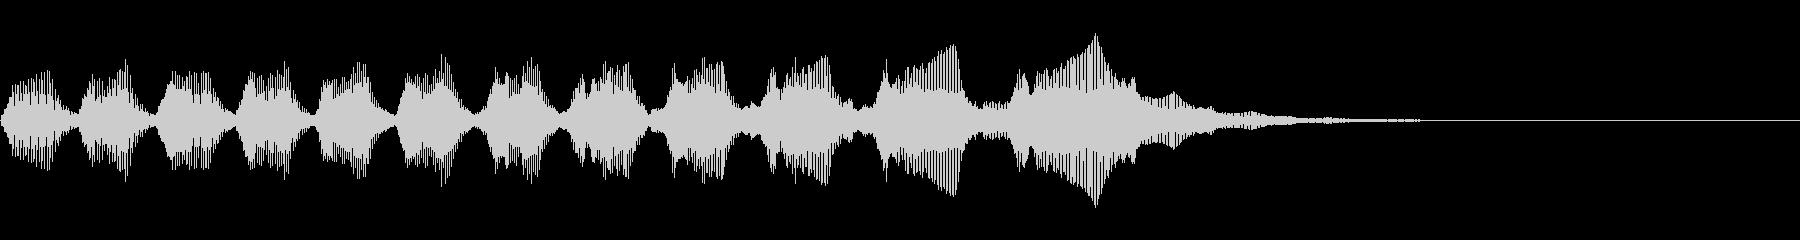 ホワホワホワン(思い出す・回想)の未再生の波形